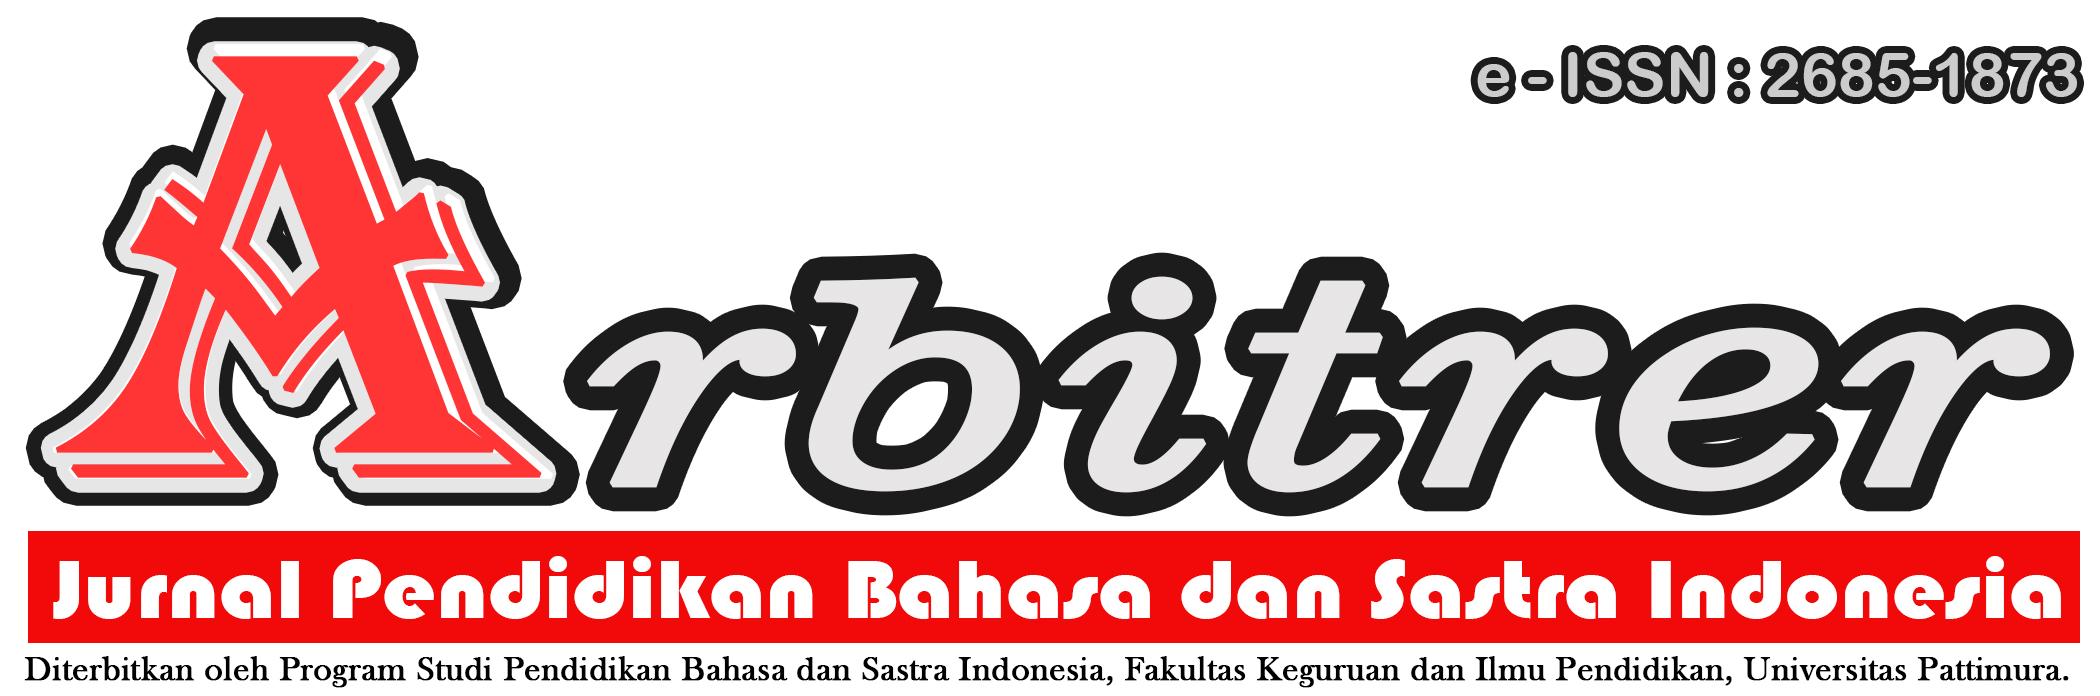 ARBITRER: Jurnal Pendidikan Bahasa dan Sastra Indonesia